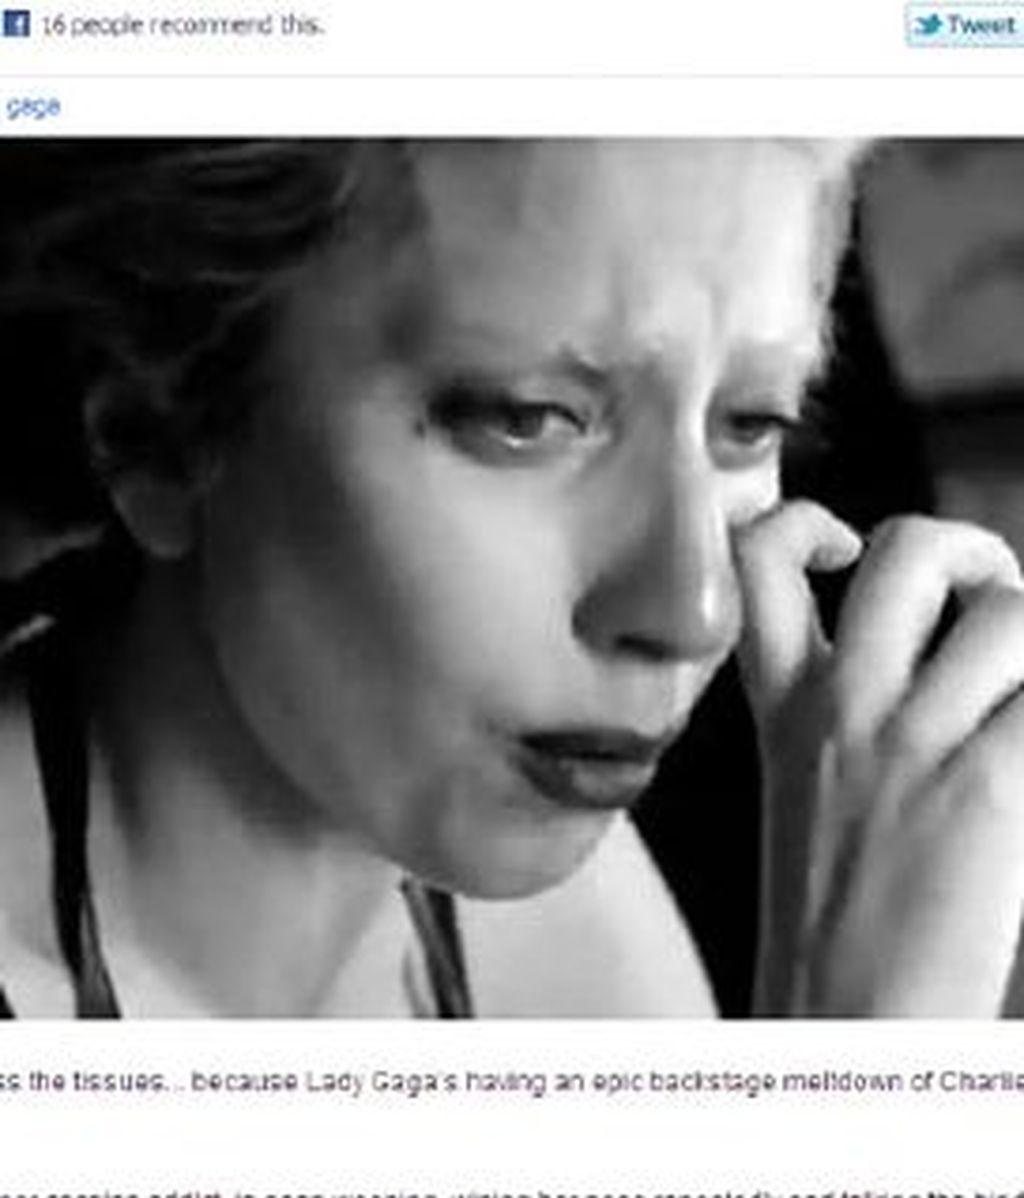 Lady Gaga ha desvelado sus sentimientos entre llantos para un documental. Vídeo: Informativos Telecinco.